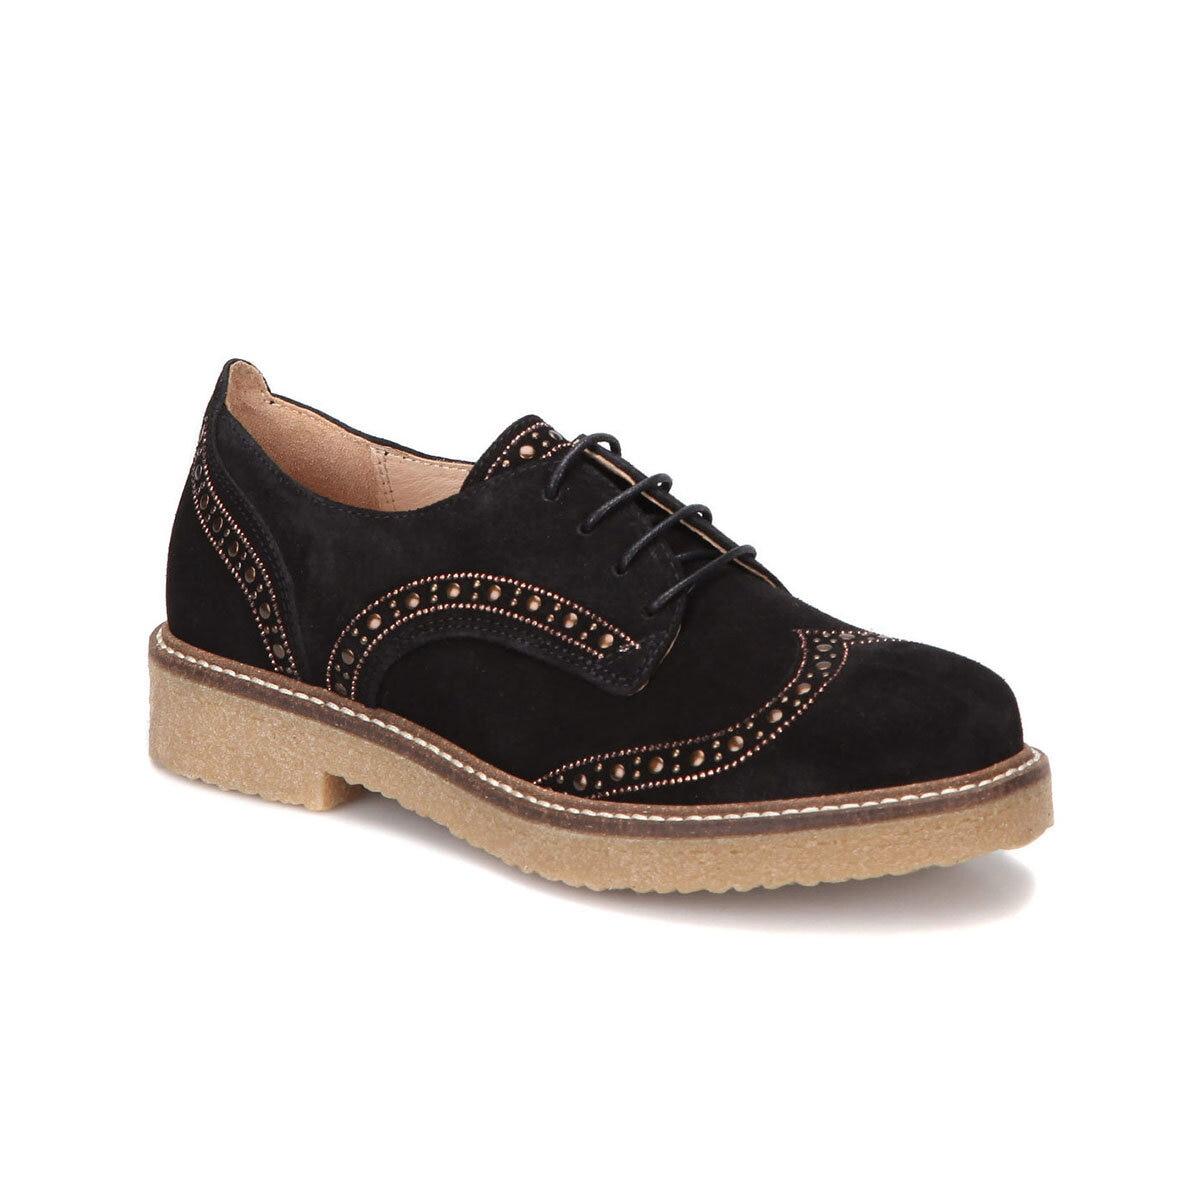 FLO 28452 Black Women Oxford Shoes BUTIGO